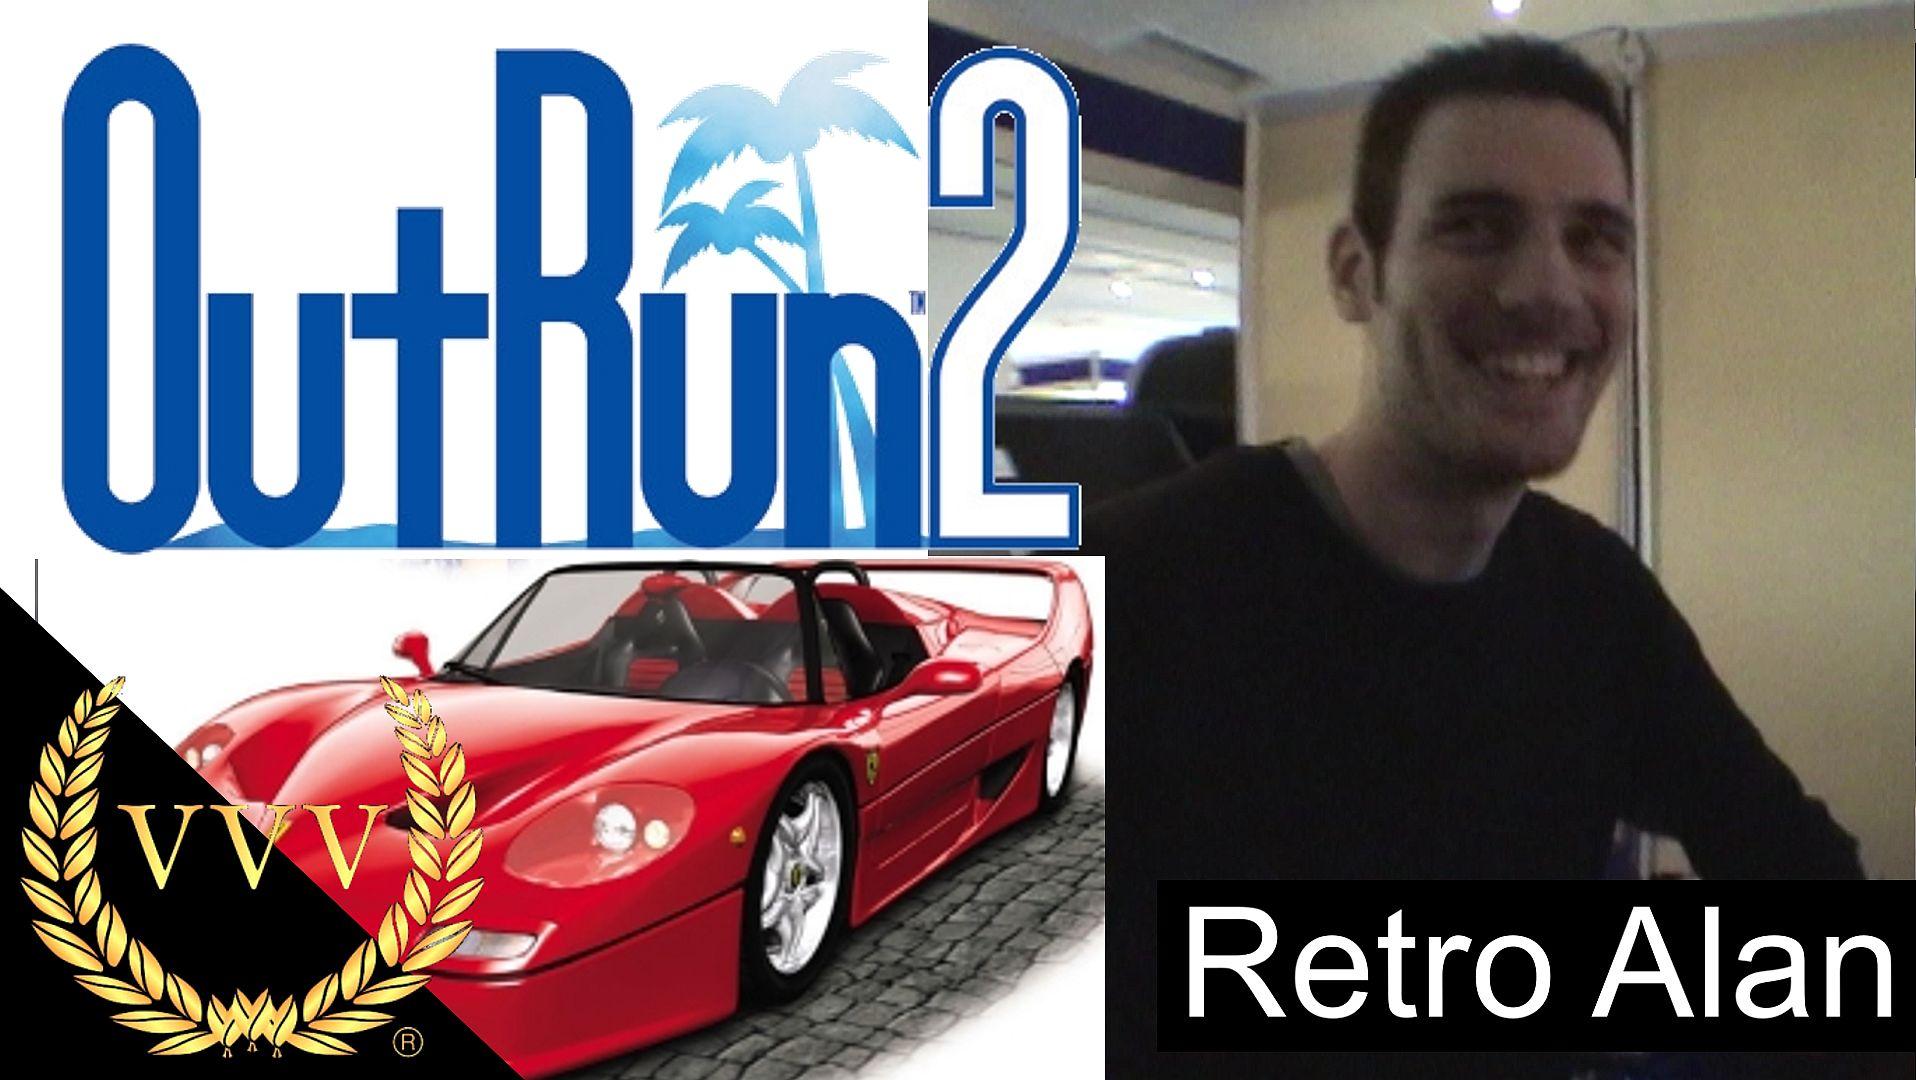 Retro Alan 2: Outrun 2 Arcade